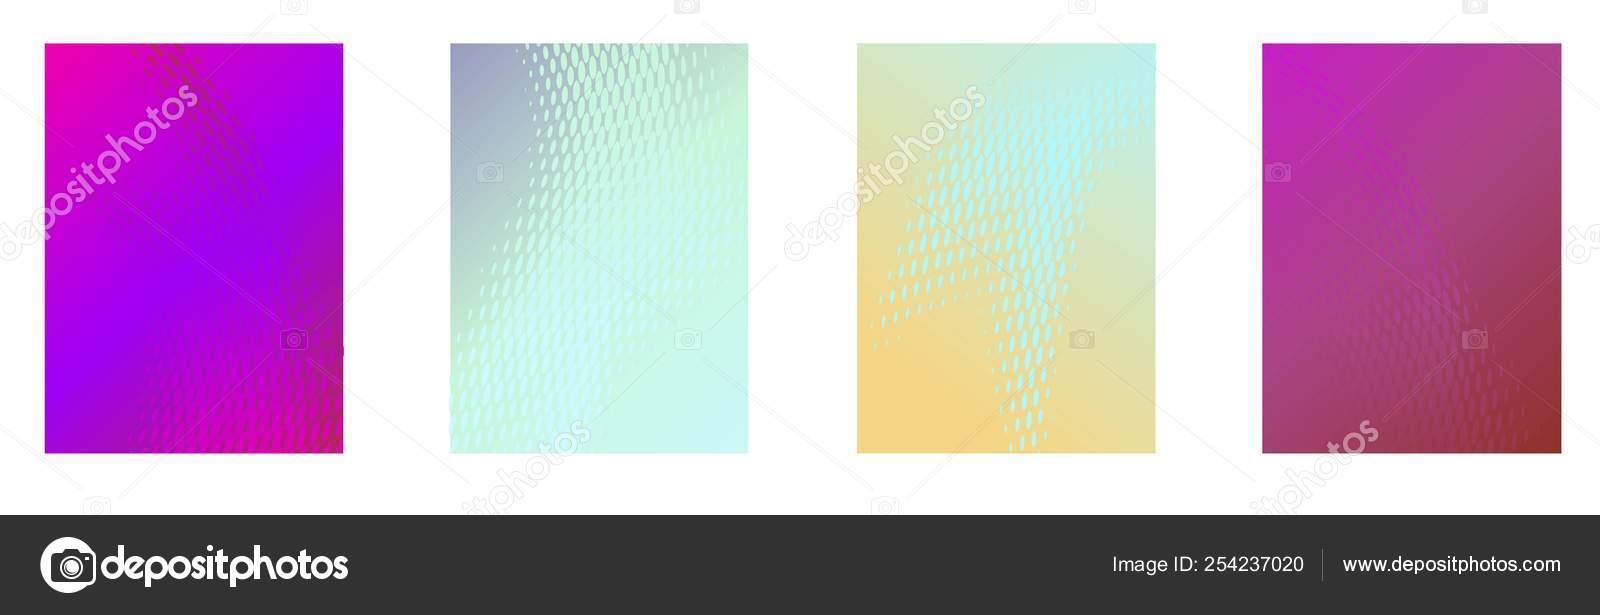 Technologique Collection Annuelle Rapport Design Vectoriel